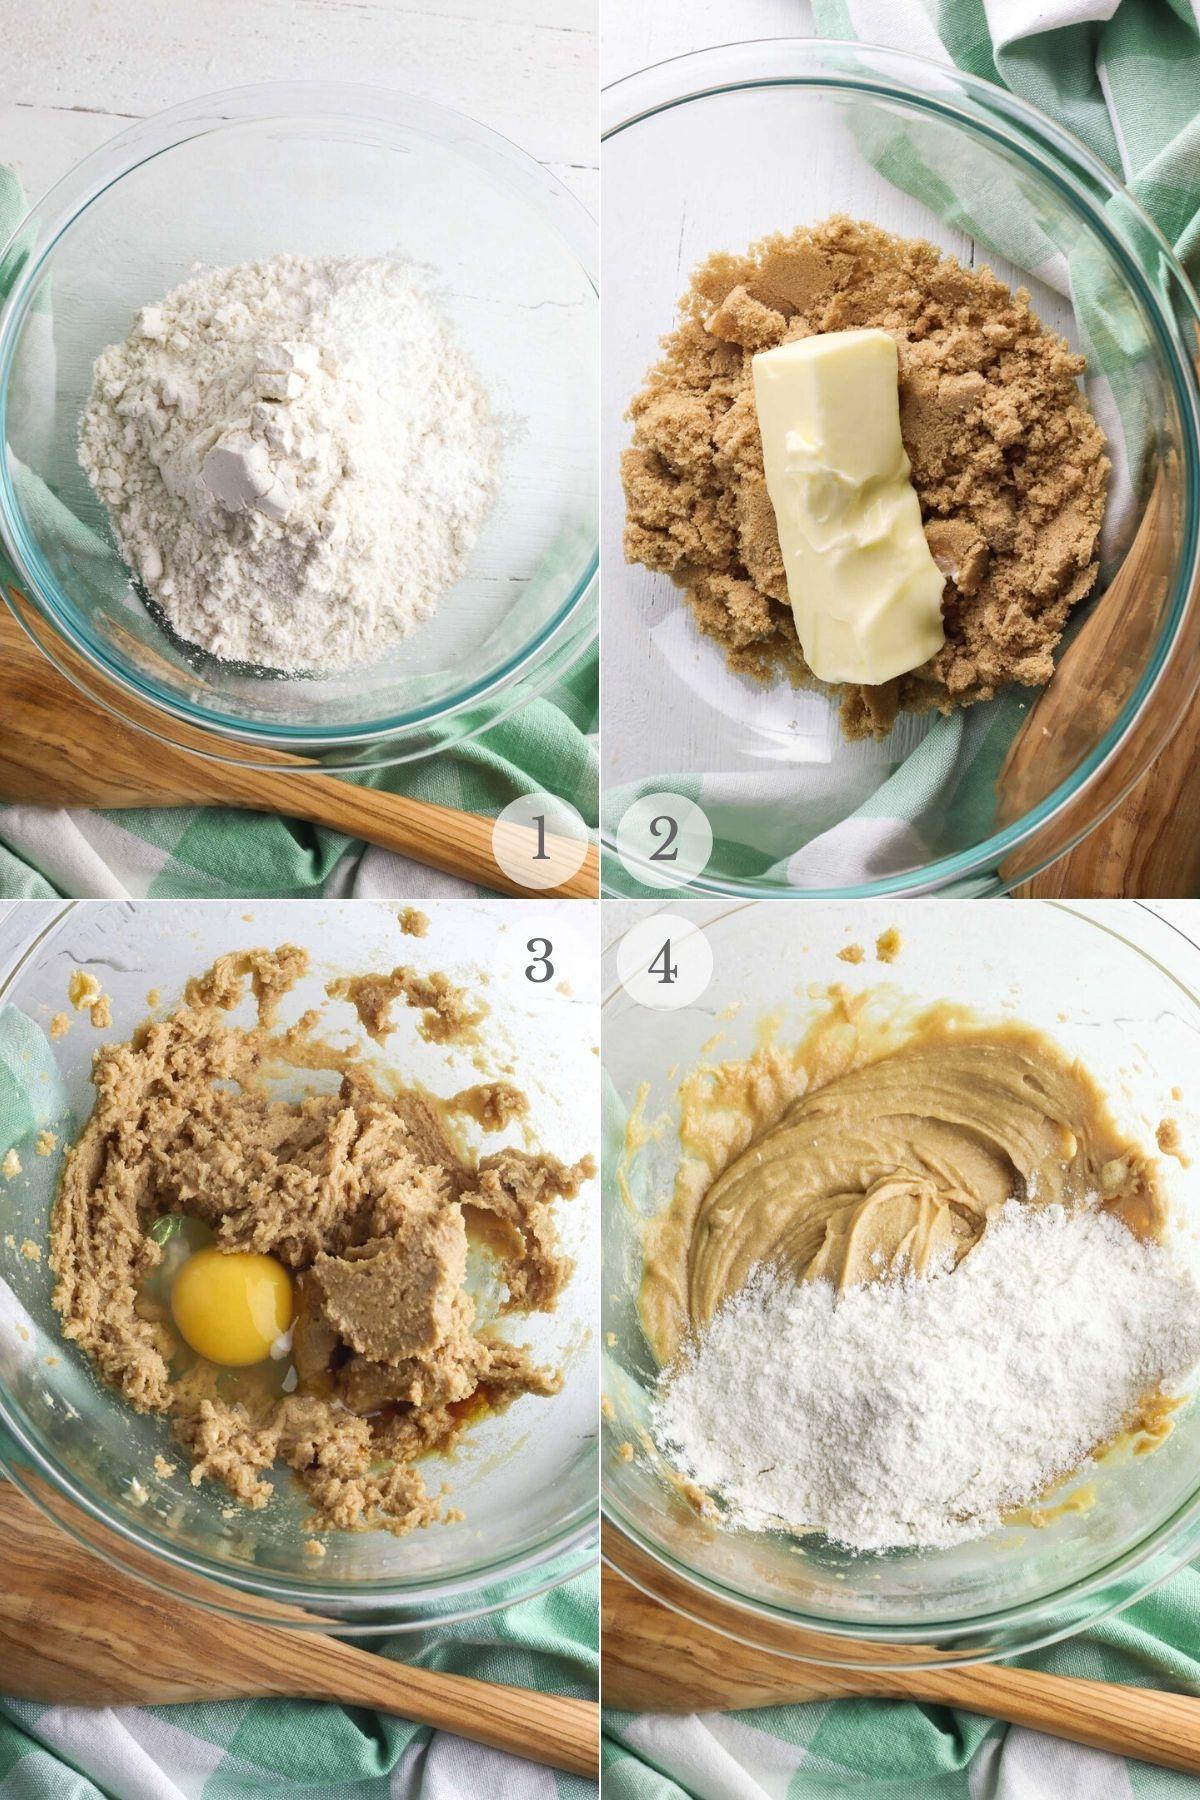 toffee cookies recipe steps 1-4